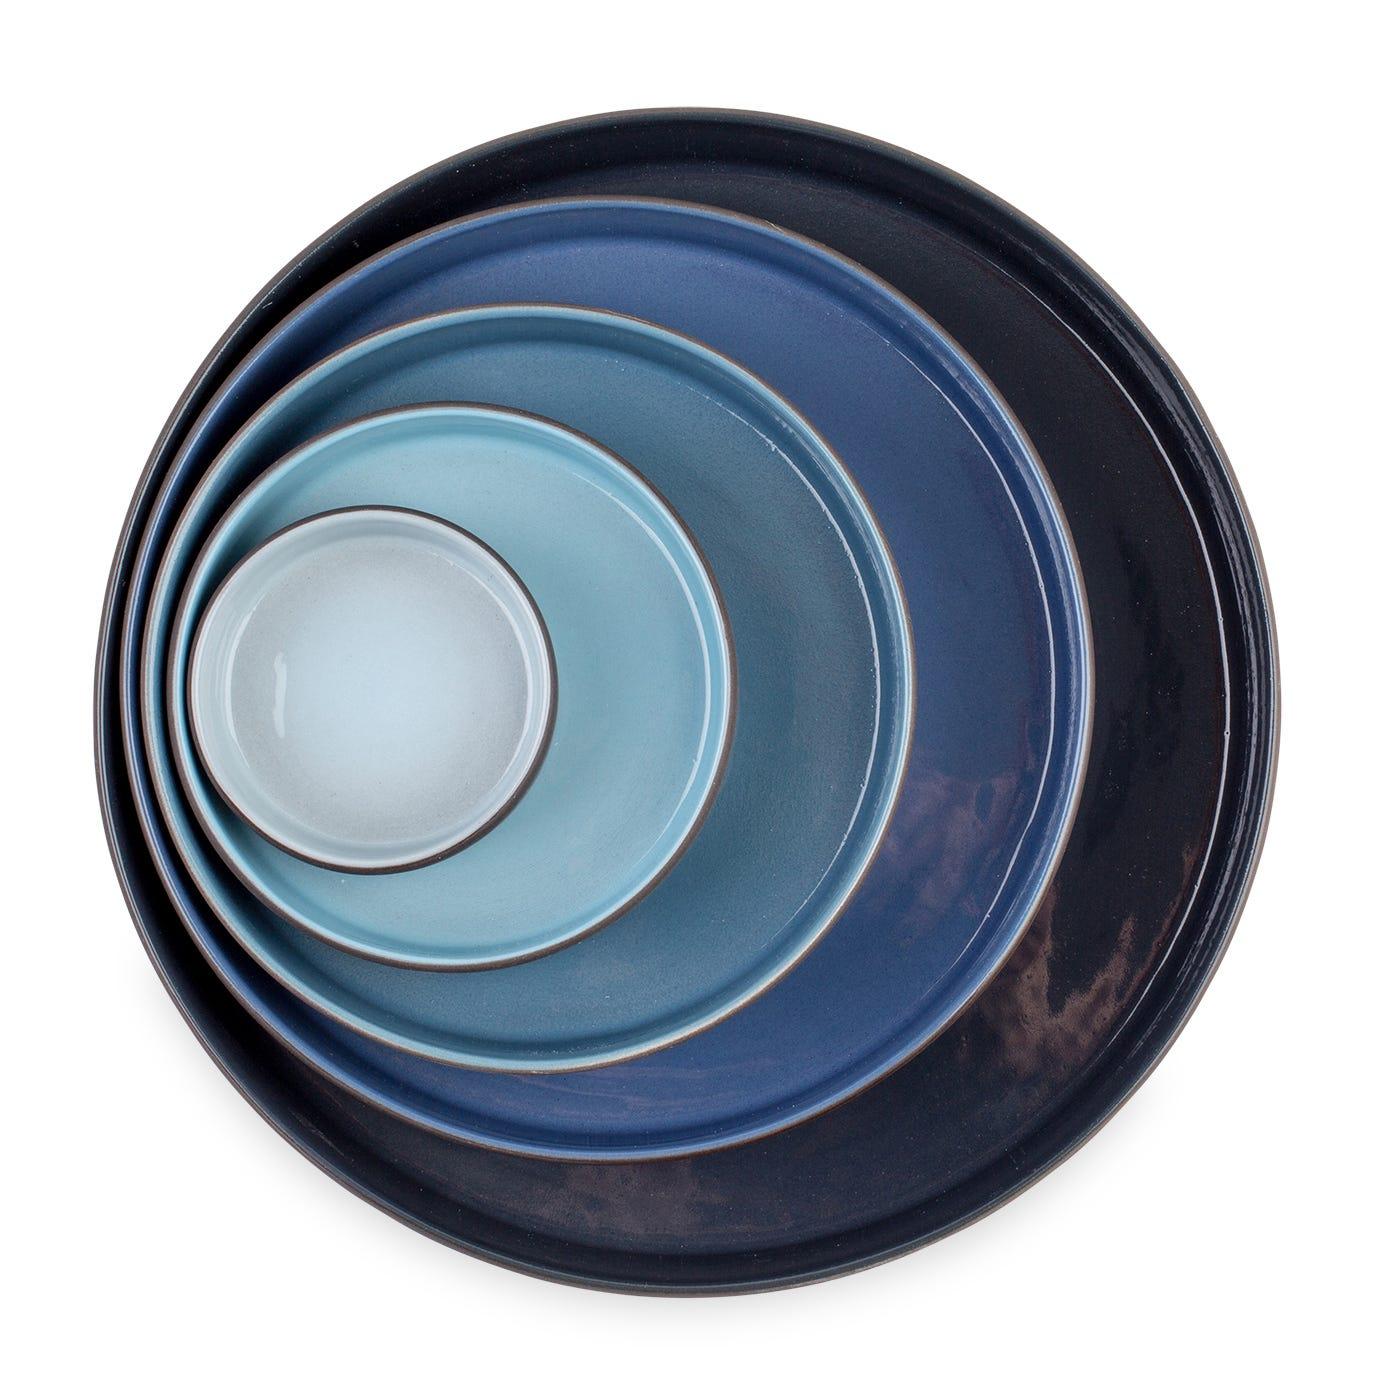 Diana Ferreira Nesting Bowls Set Of 5